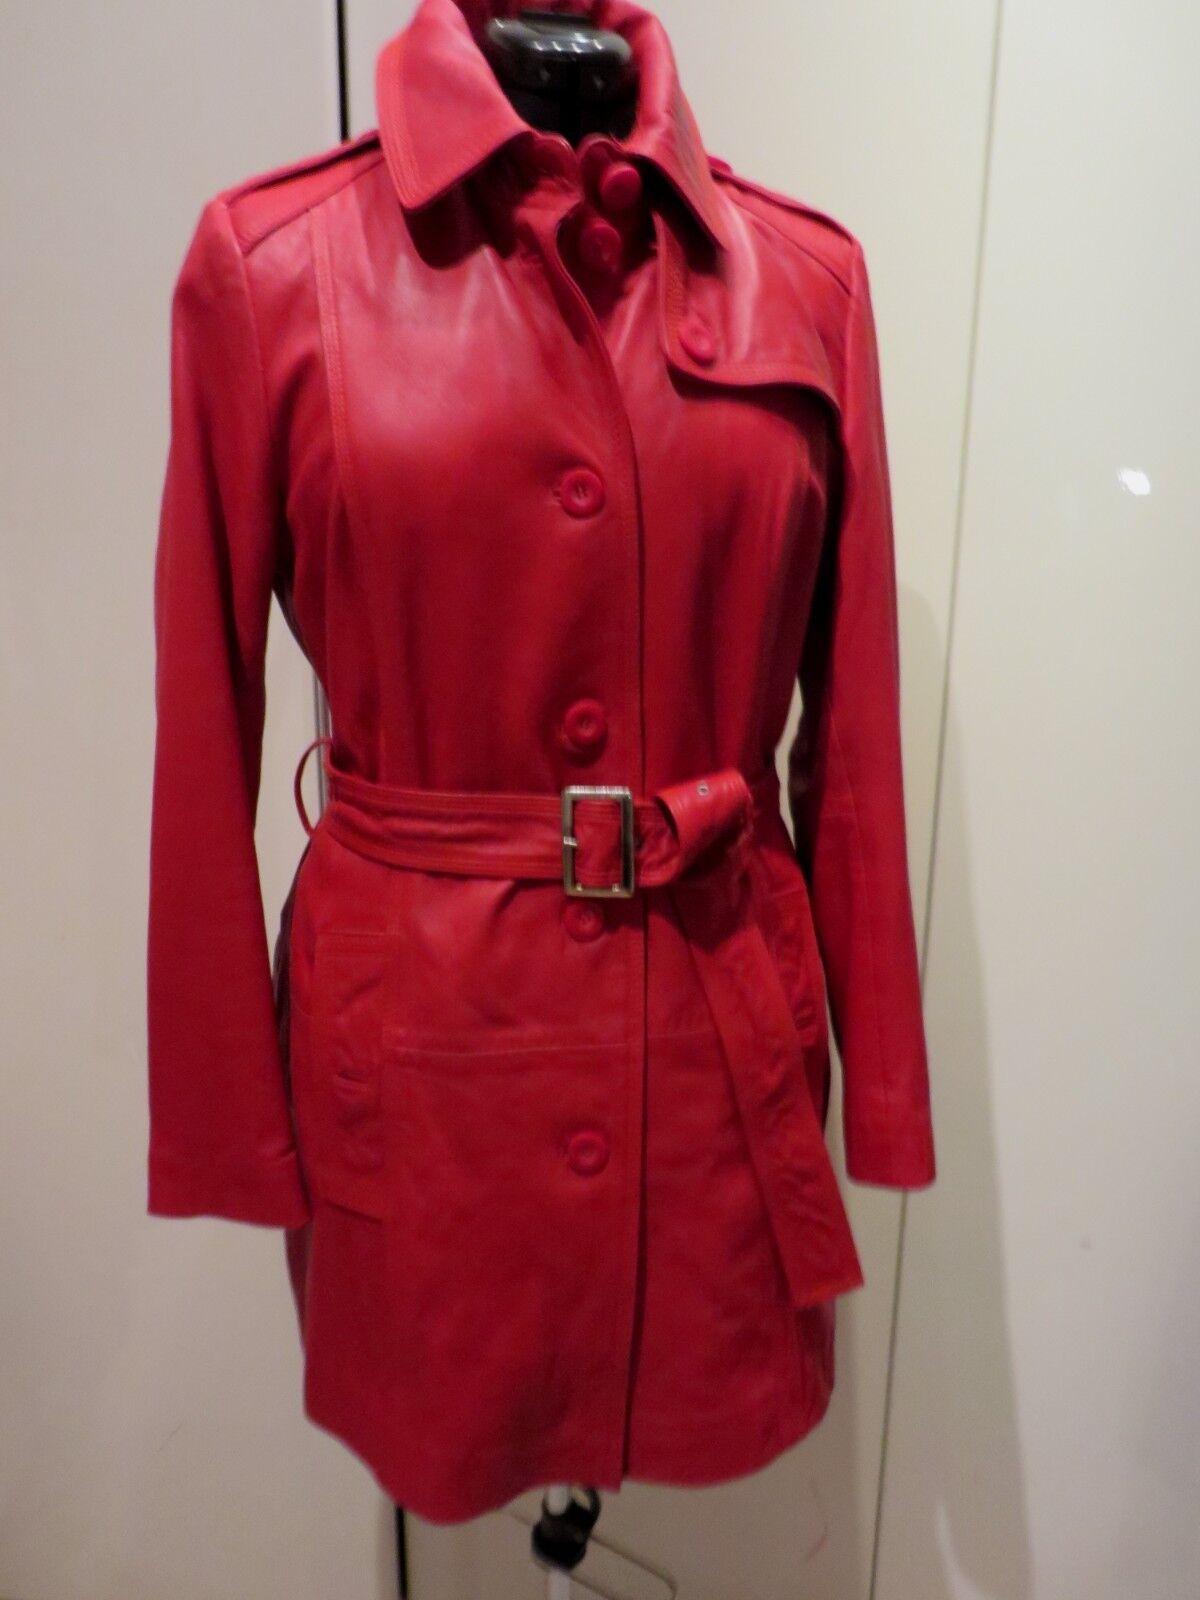 Alba Moda Ledermantel rot neu Gr.40 Gr.40 Gr.40 zara   | Zu einem niedrigeren Preis  | Meistverkaufte weltweit  | Hohe Qualität  | Fuxin  | Erste Qualität  228ef0